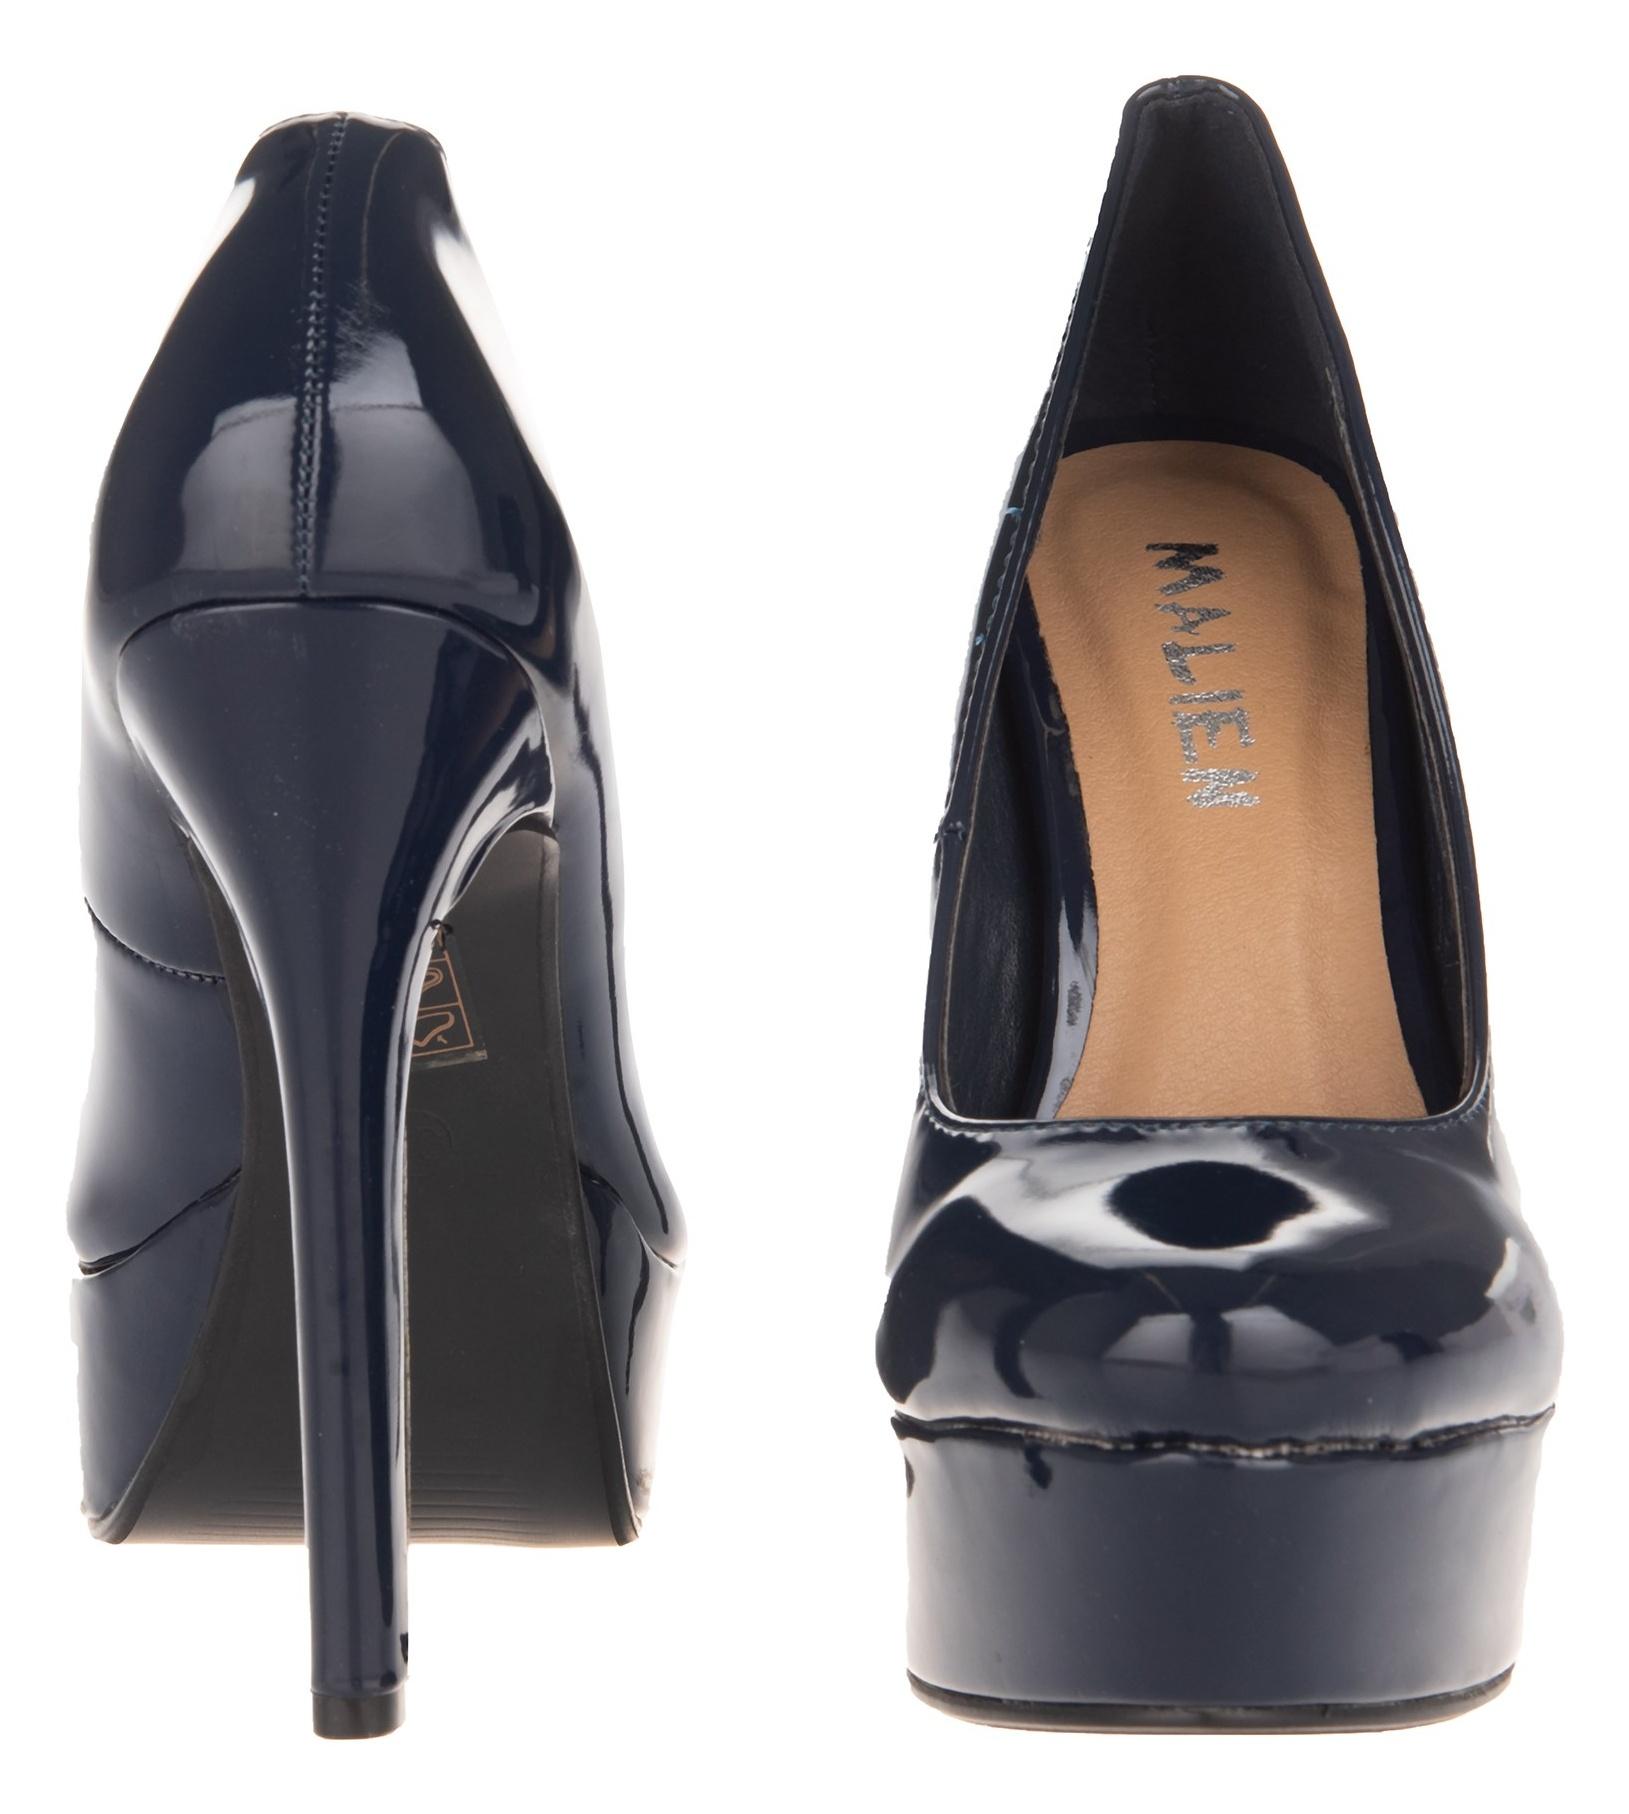 کفش پاشنه بلند زنانه - مالین - سرمهاي - 4